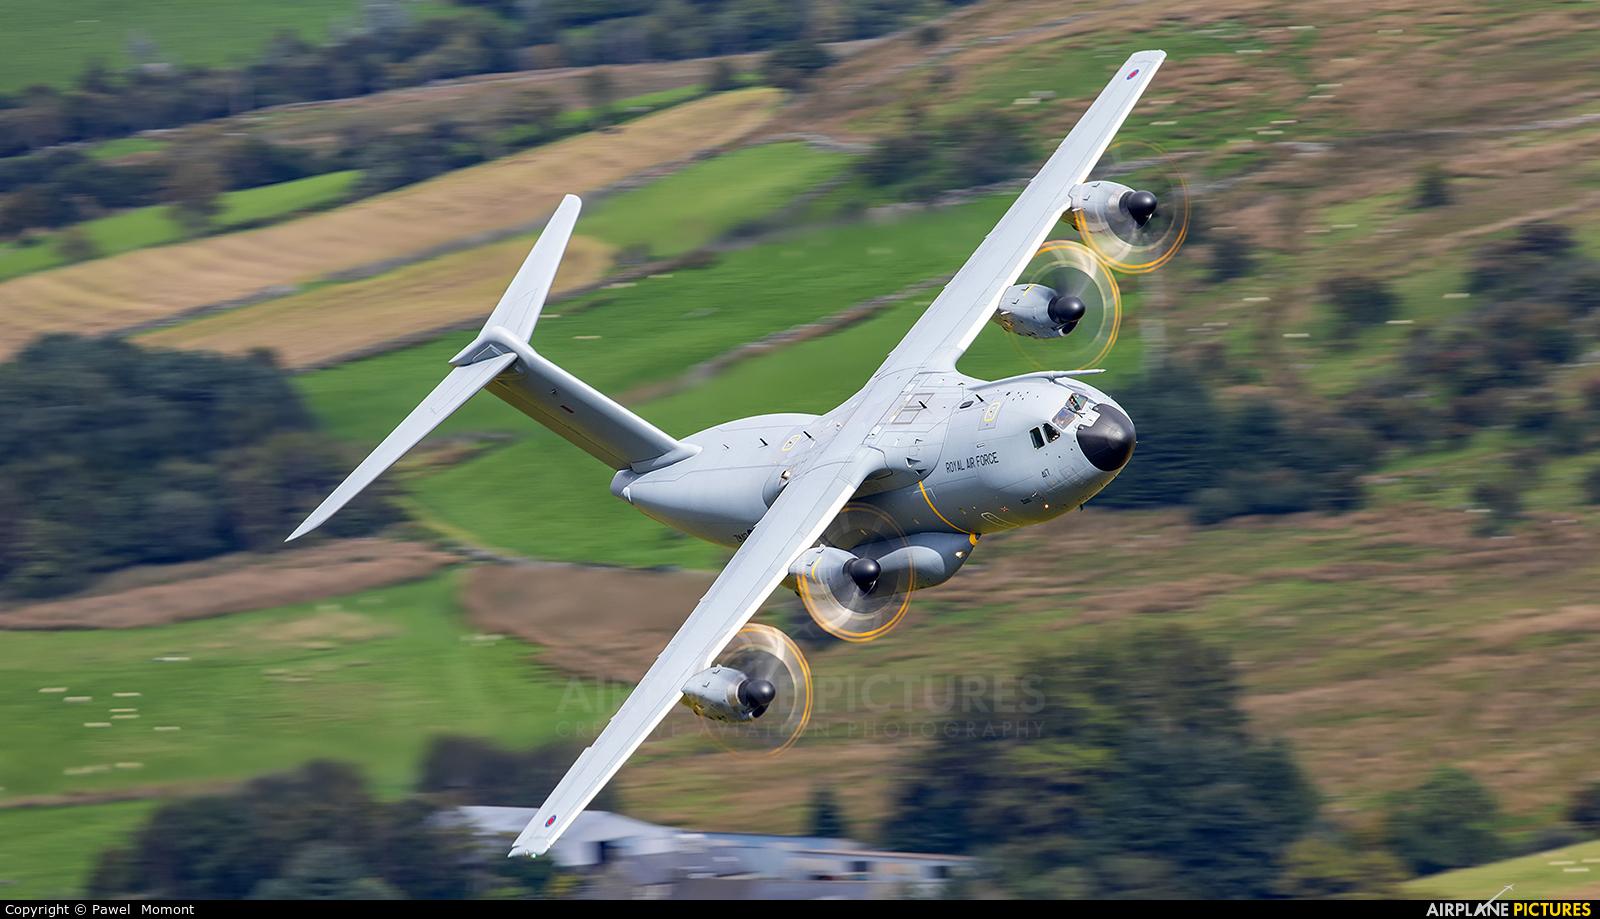 Royal Air Force ZM417 aircraft at Machynlleth Loop - LFA 7